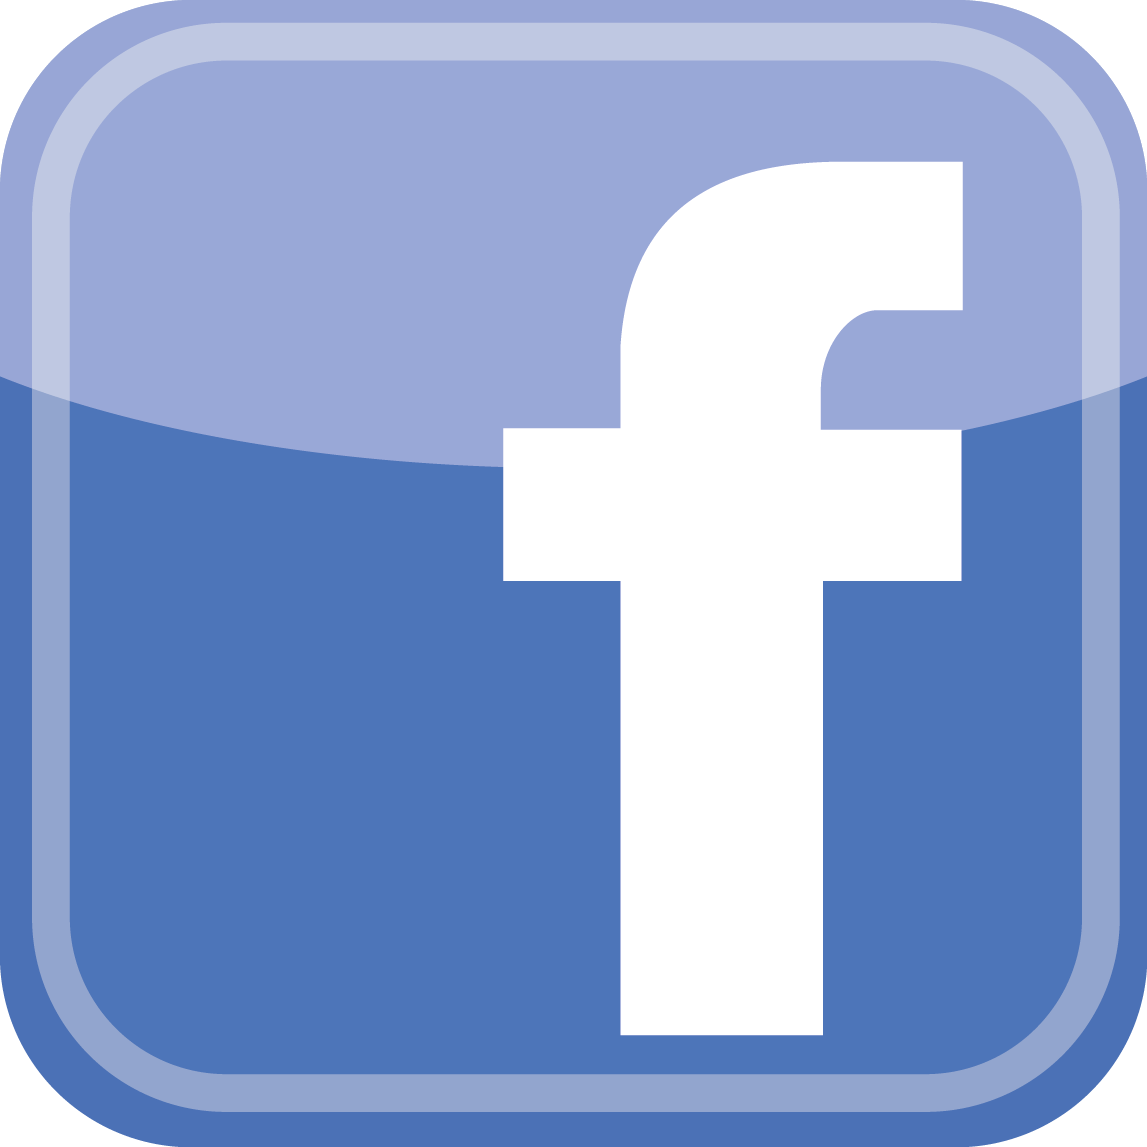 """""""Like"""" Our Facebook Page for events & news!     https://www.facebook.com/nashvilleV15/"""